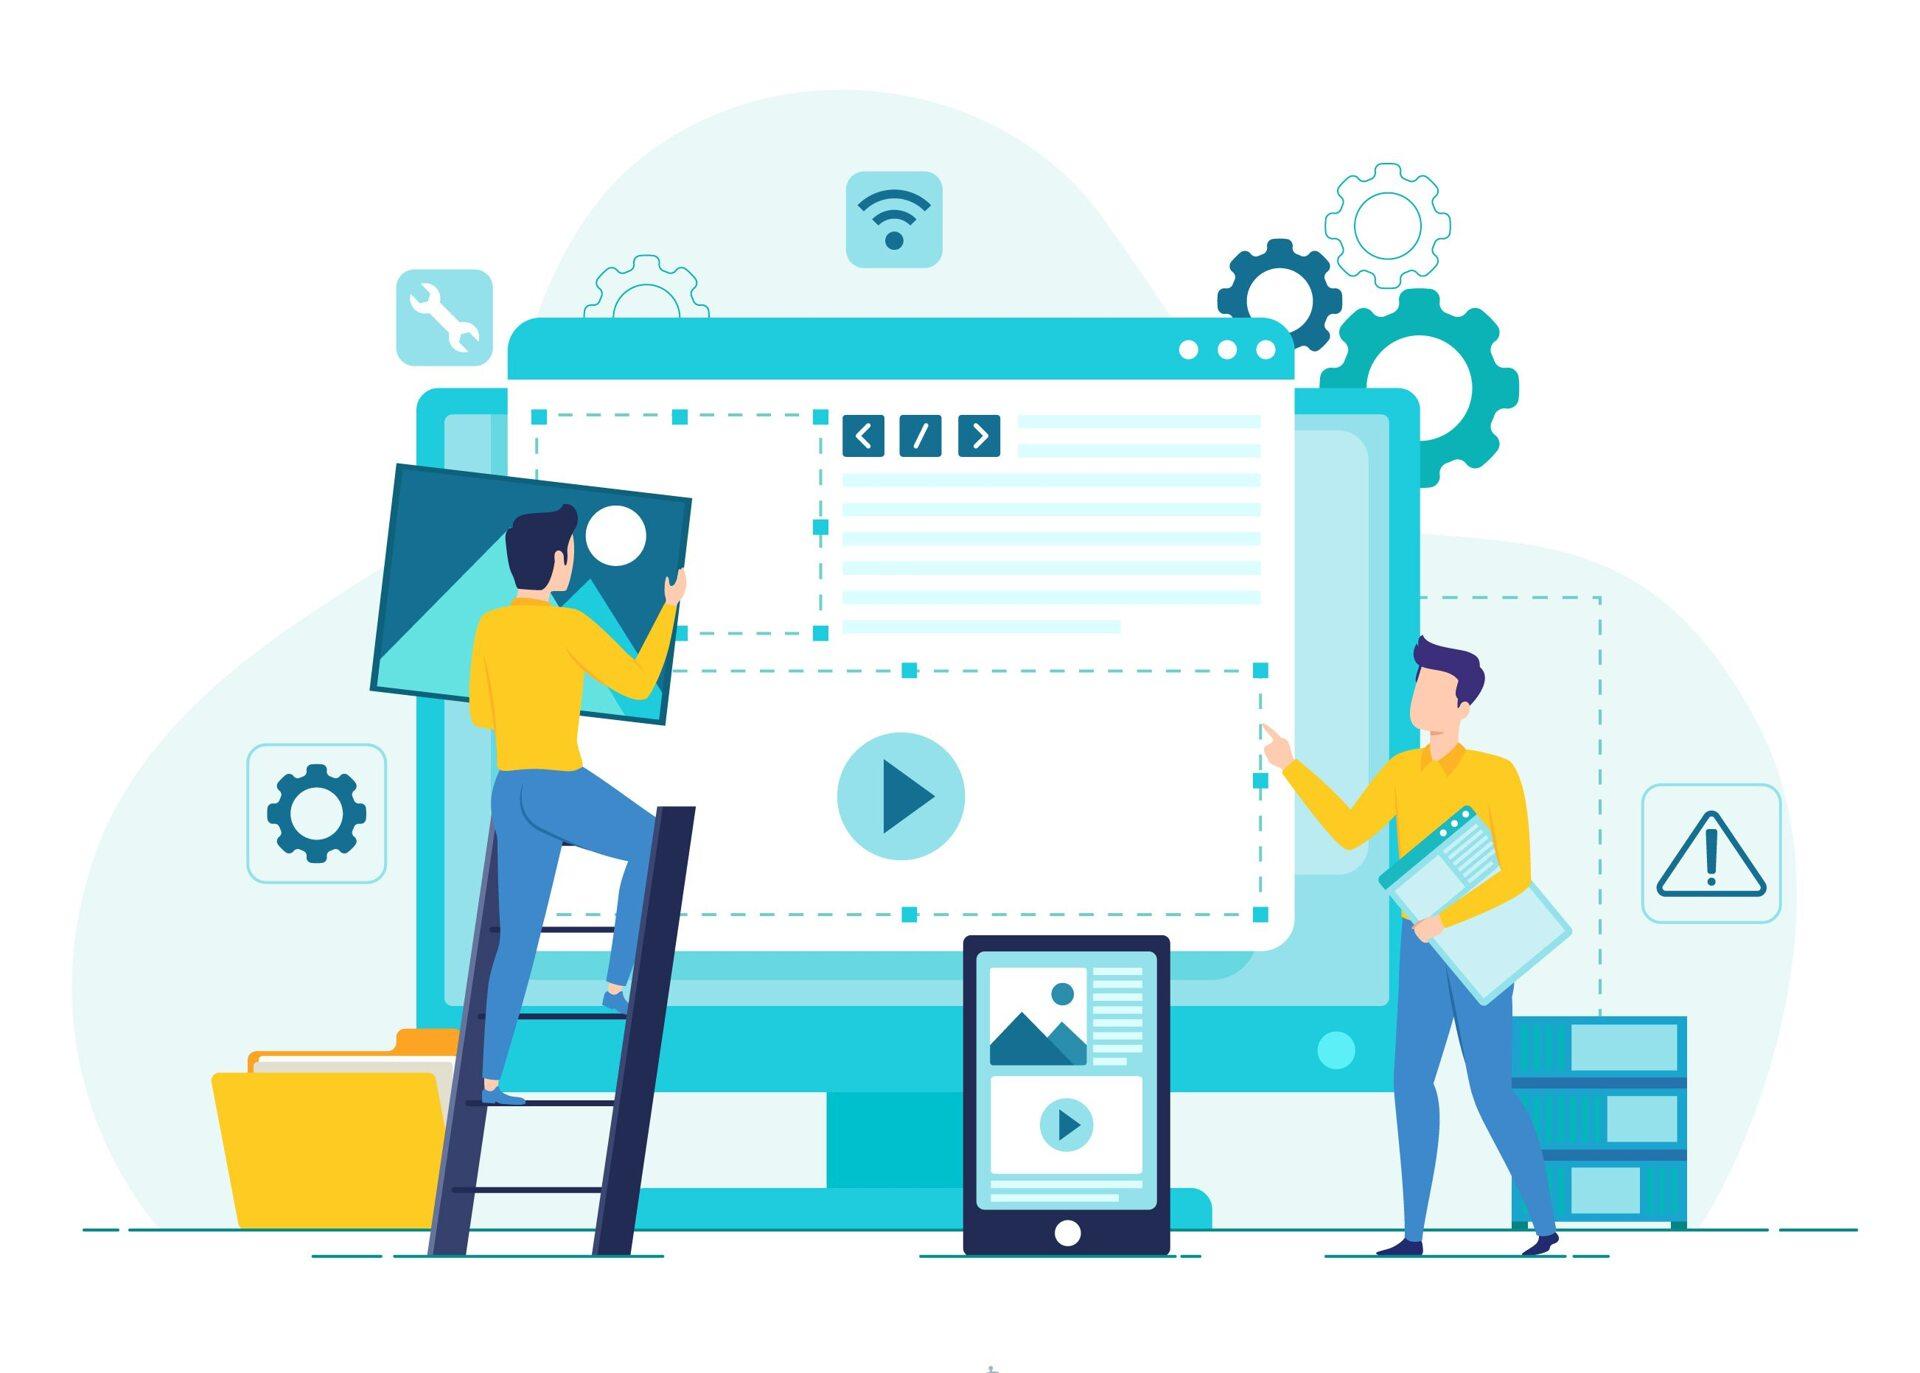 Des ateliers ergonomique et design sont organisés pour réaliser votre charte web.